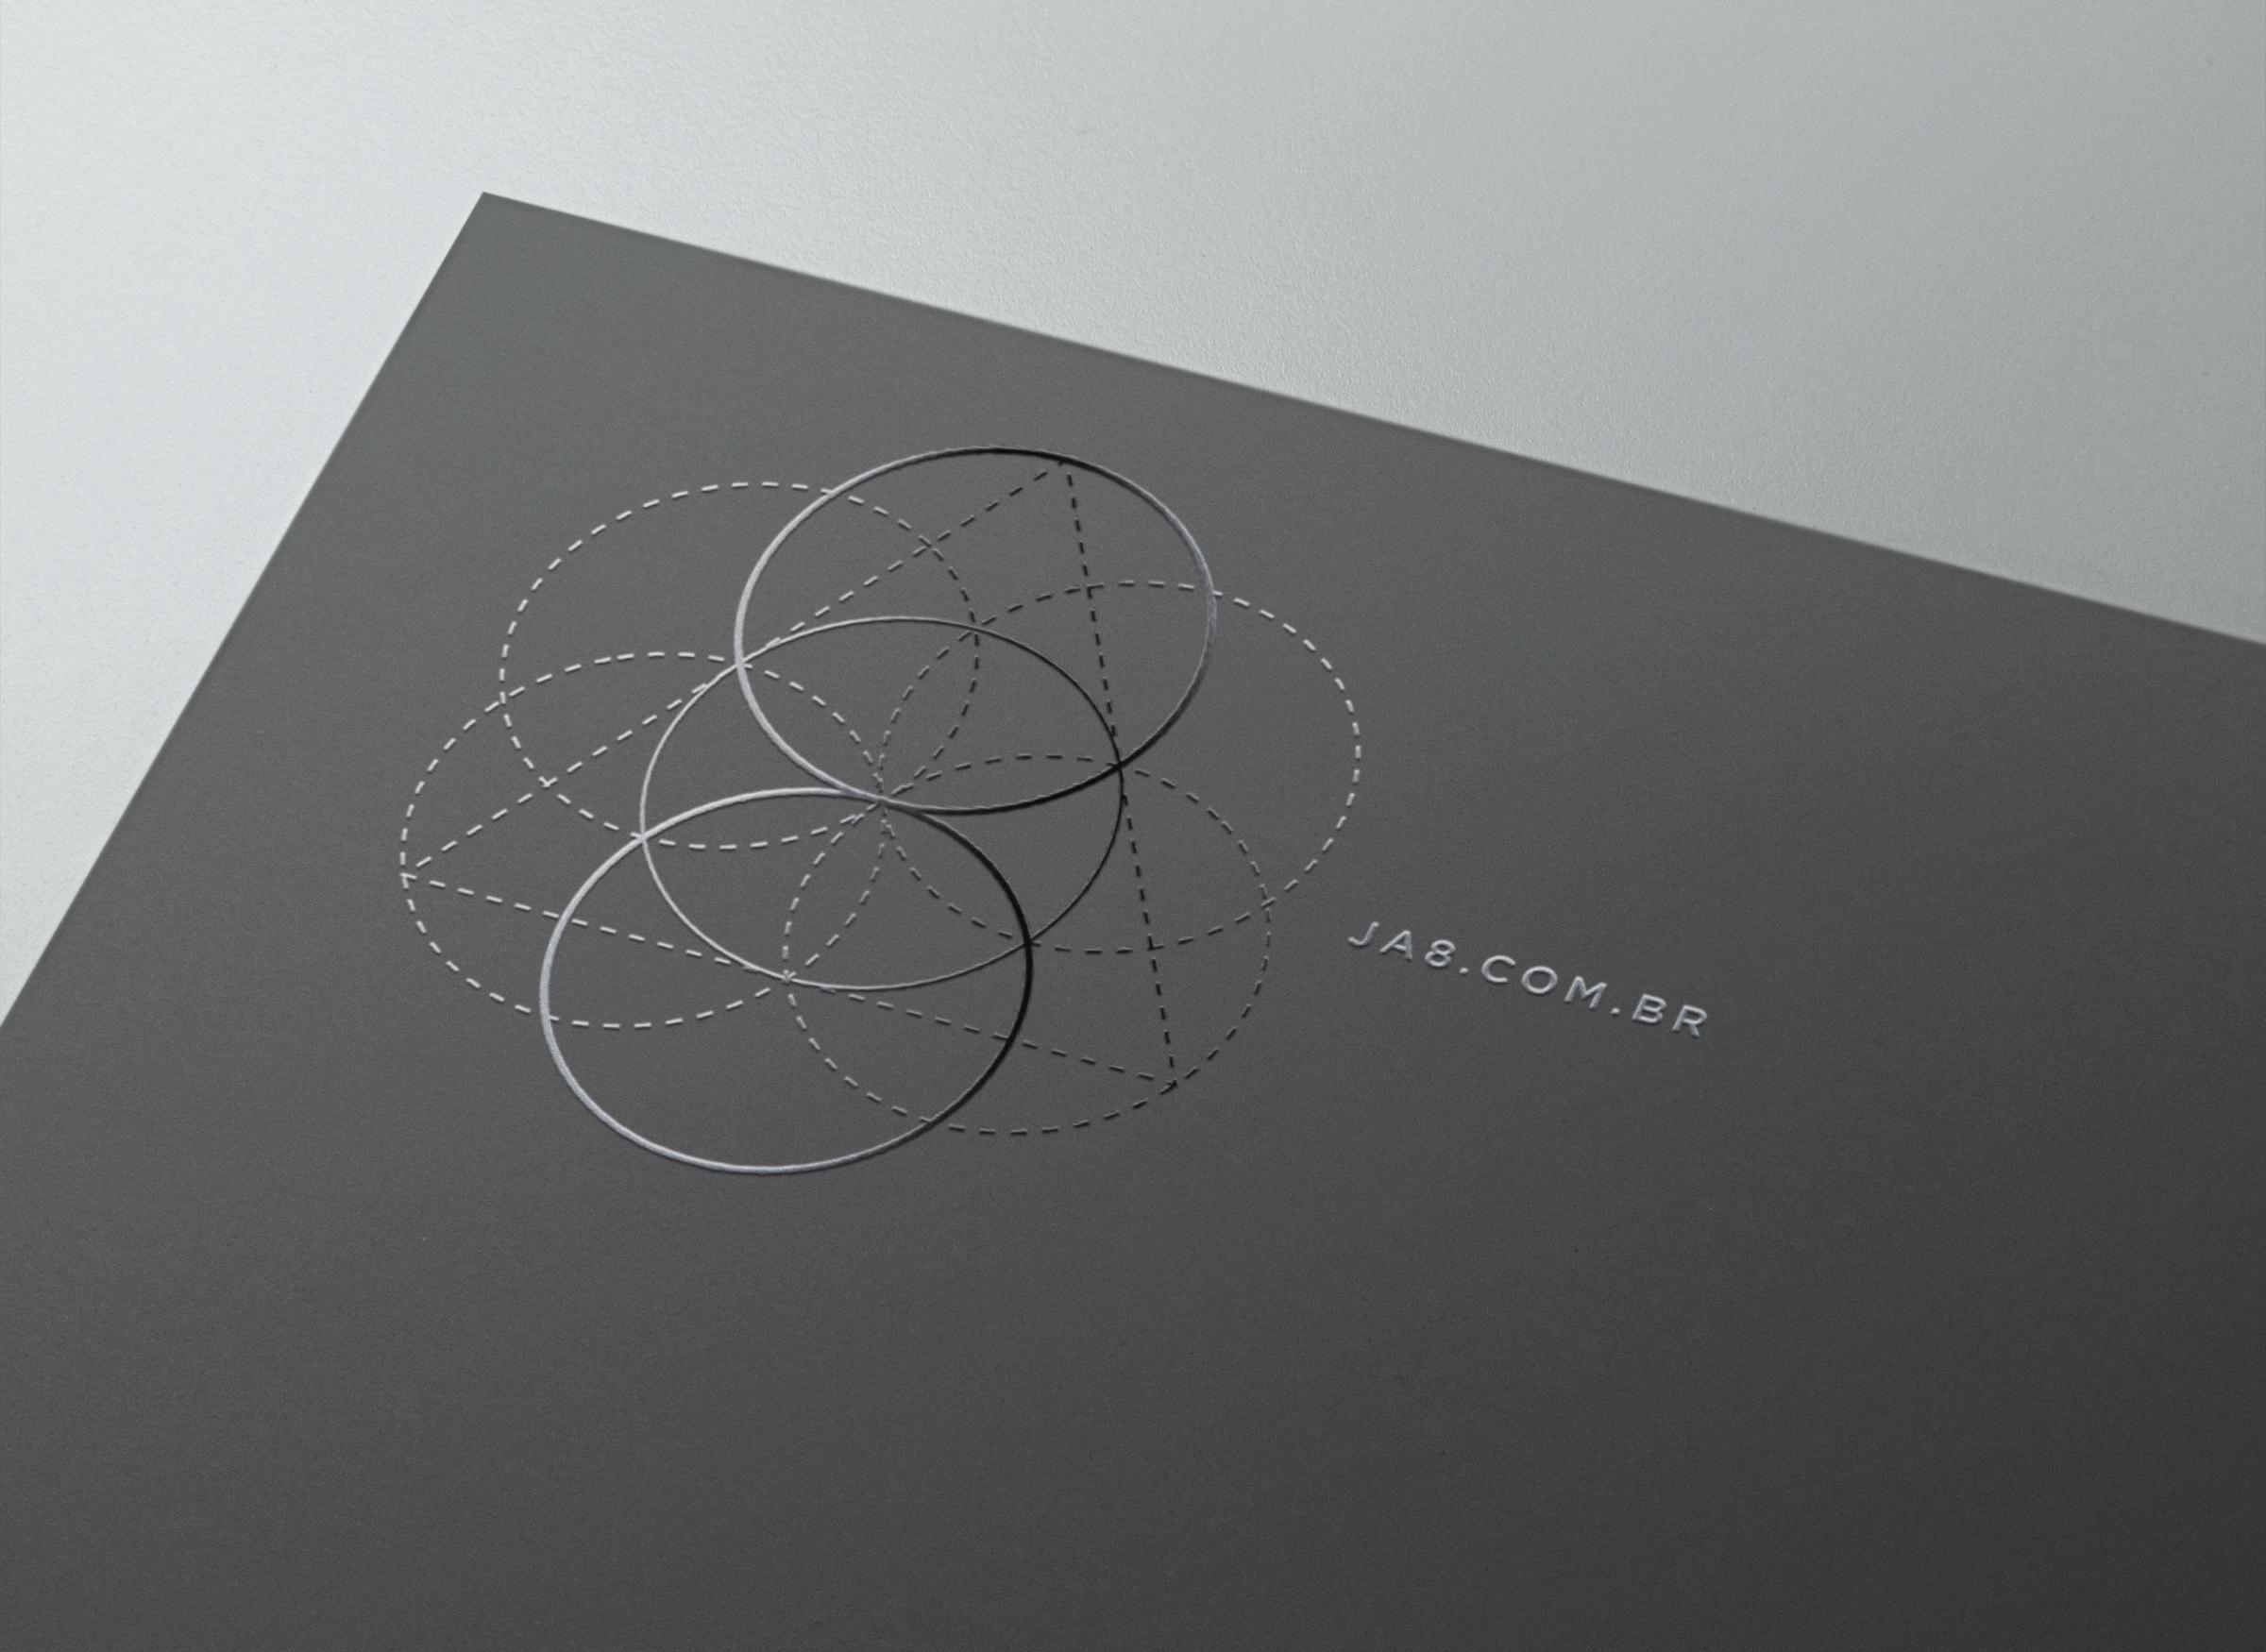 Spot-UV-Logo-MockUp.jpg